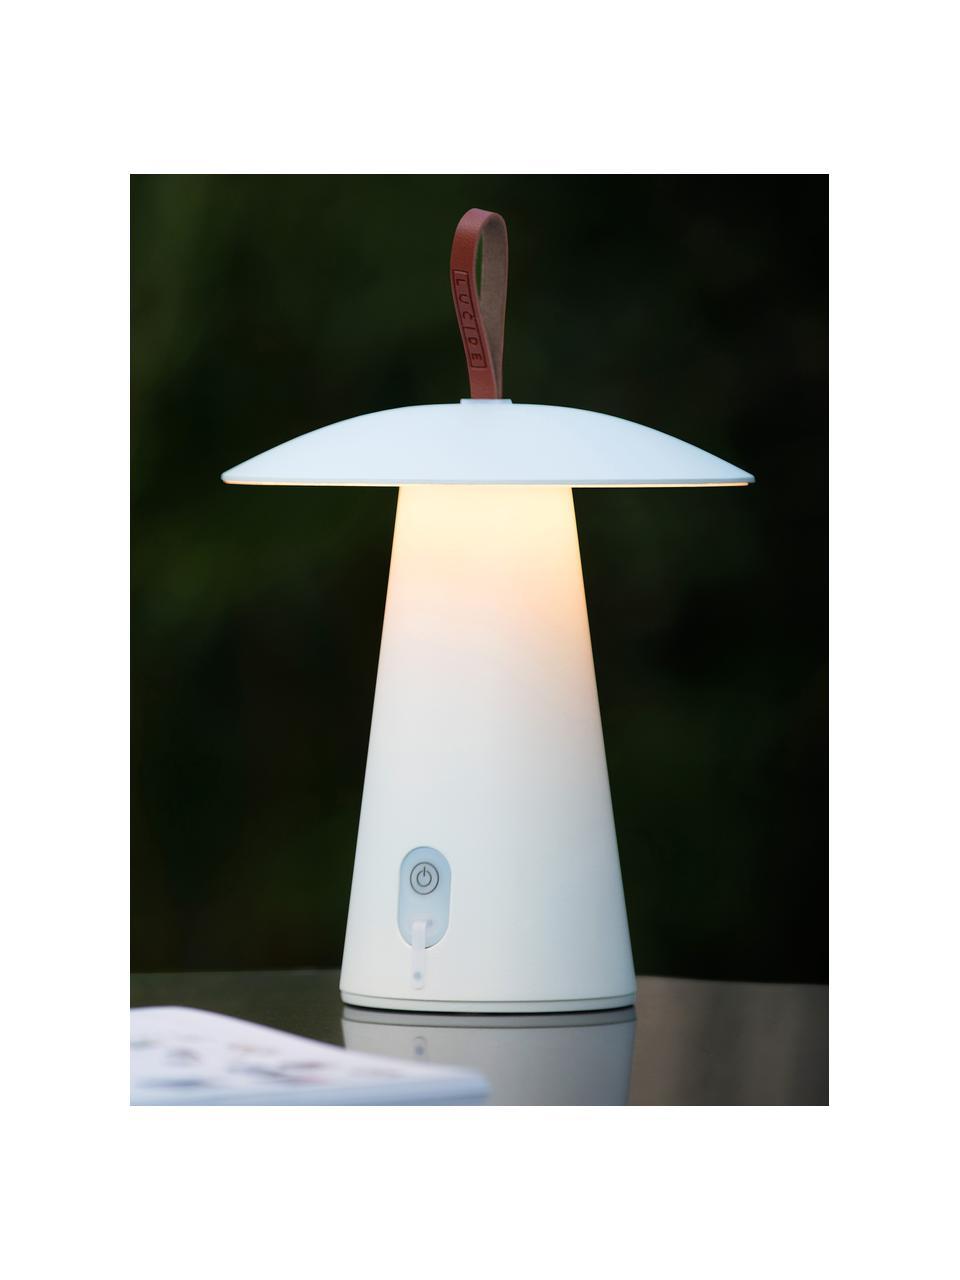 Mobile Dimmbare Außentischlampe La Donna, Lampenschirm: Aluminium, beschichtet, Lampenfuß: Aluminium, beschichtet, Griff: Kunstleder, Weiß, Ø 20 x H 29 cm